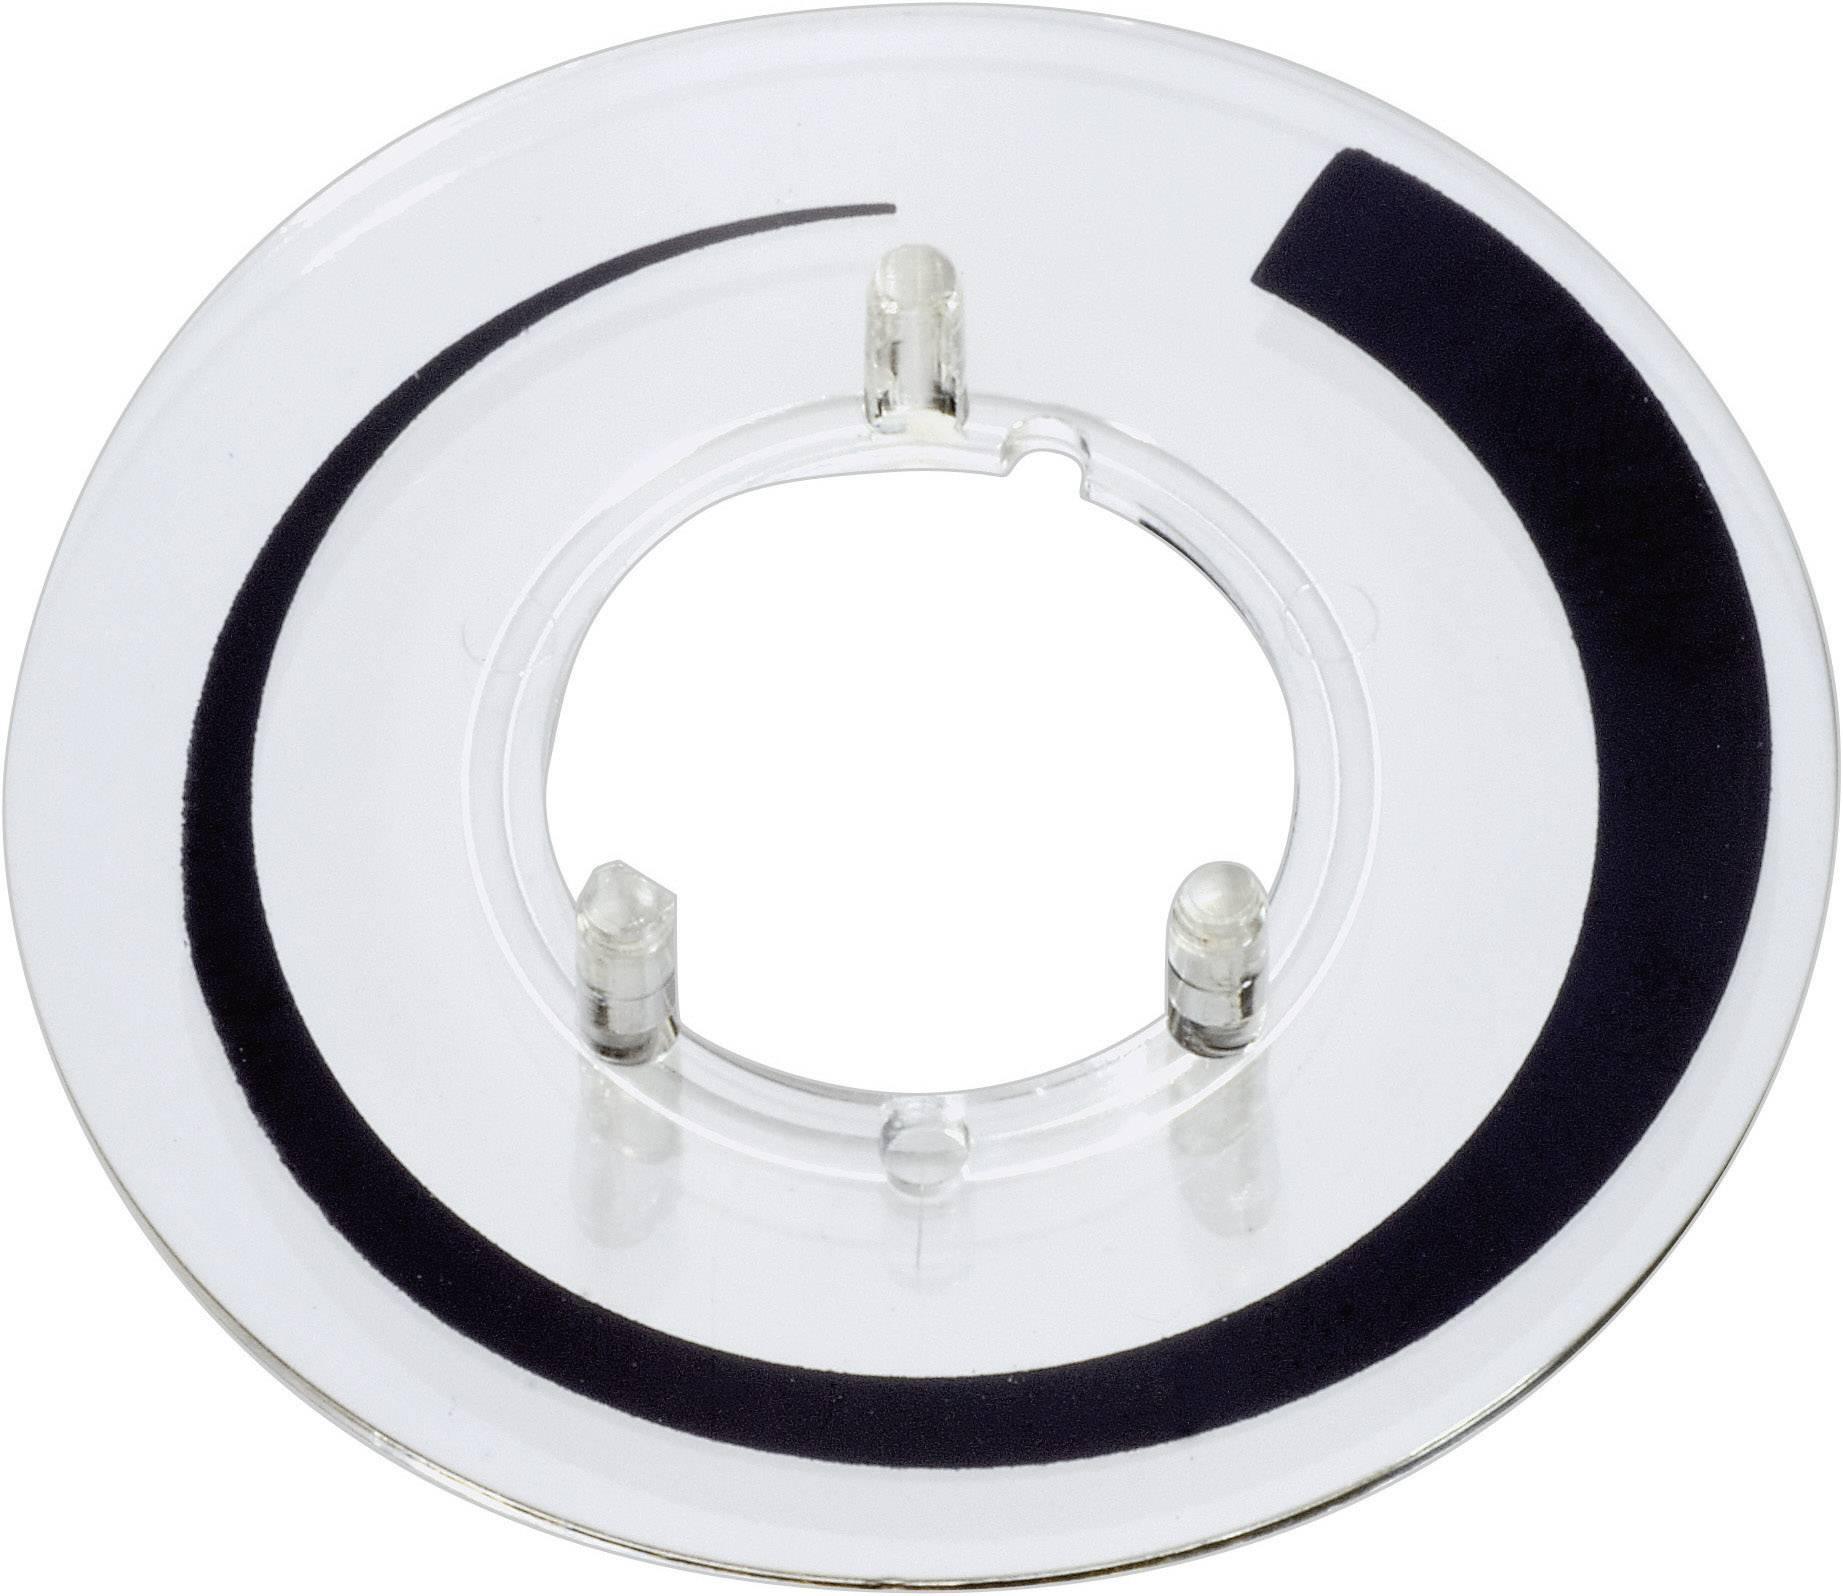 Prahová stupnice OKW, vhodná pro knoflík Ø 23 mm, transparentní OKW A4423020 1 ks